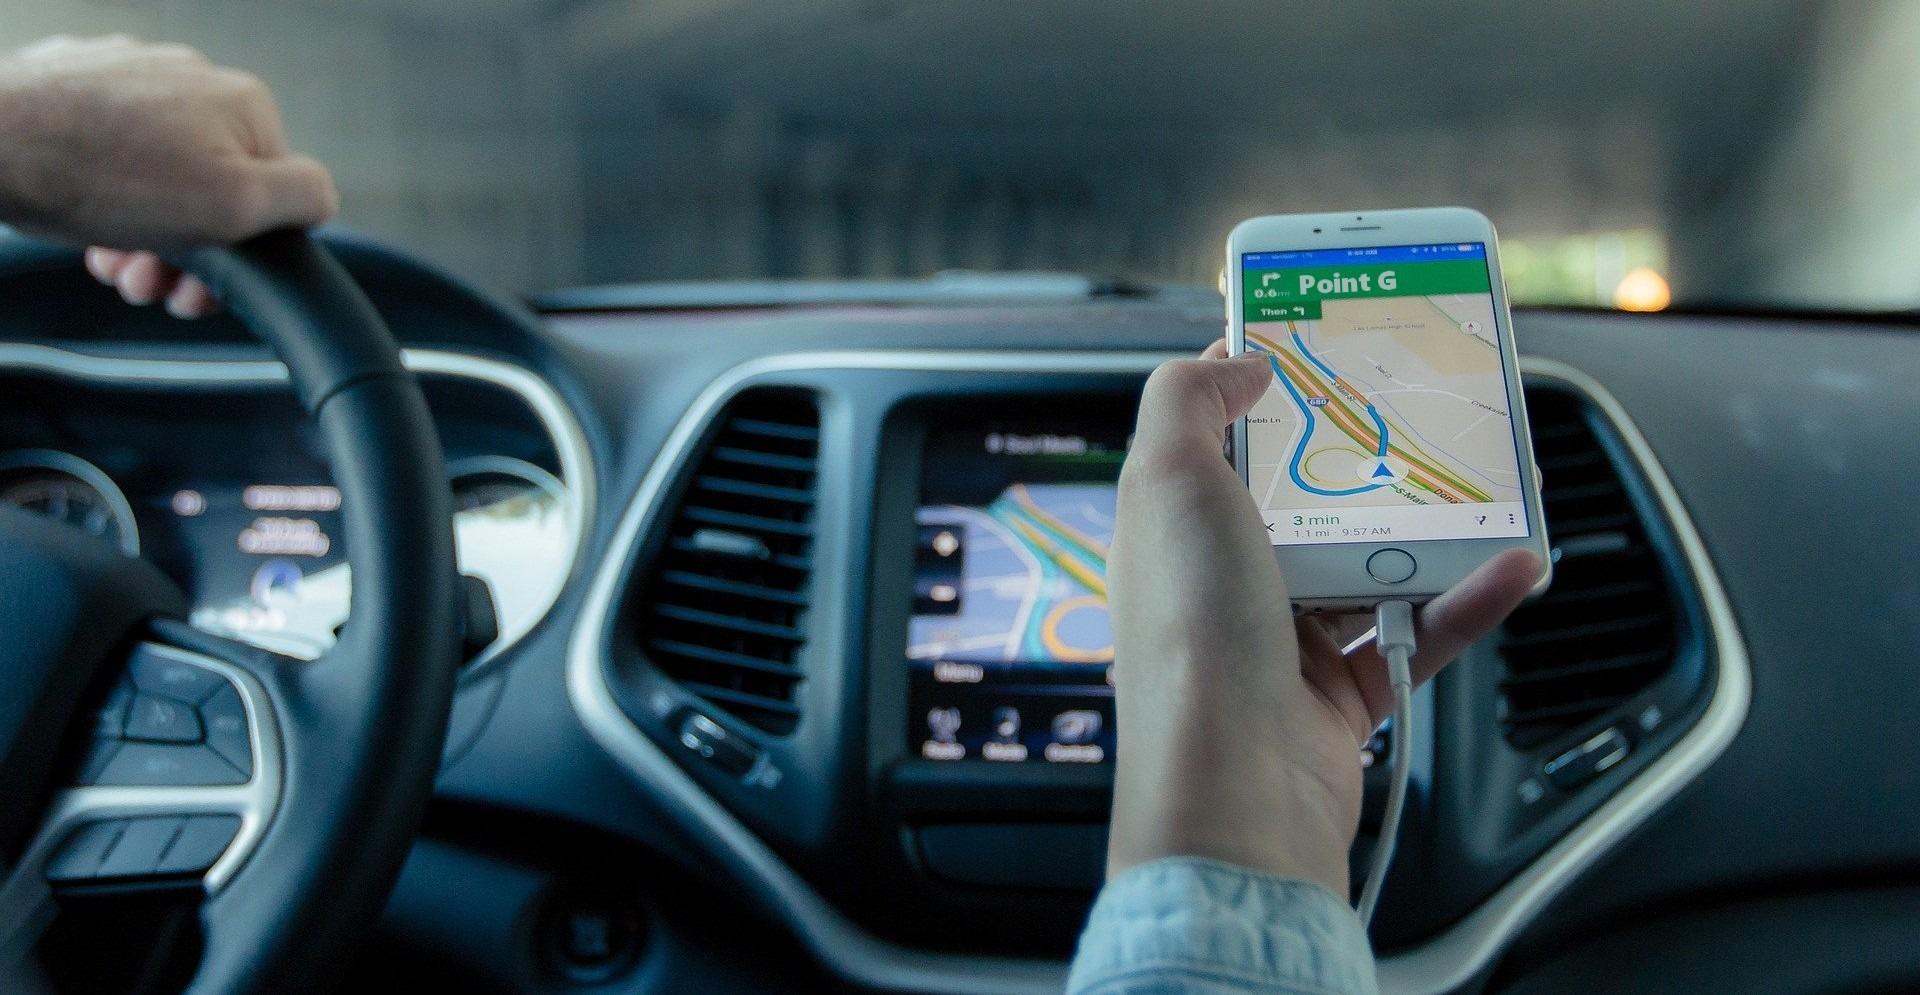 Le GPS ne vous servira à rien pour tomber sur le point G